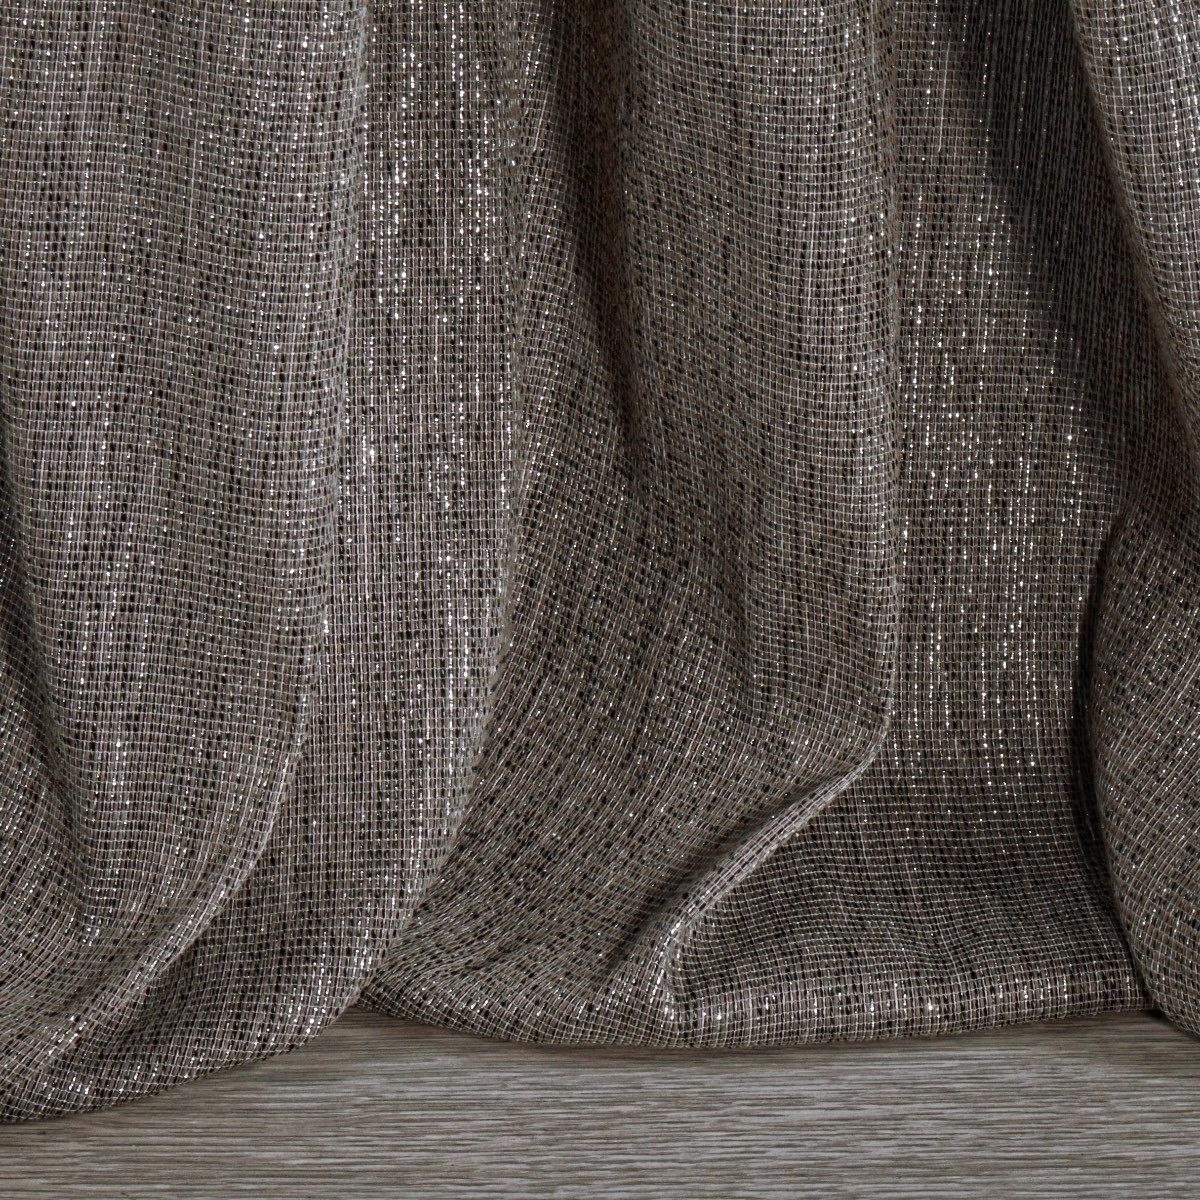 Möbel TAUSCH - einrichten - Vorhang BENU SOUL